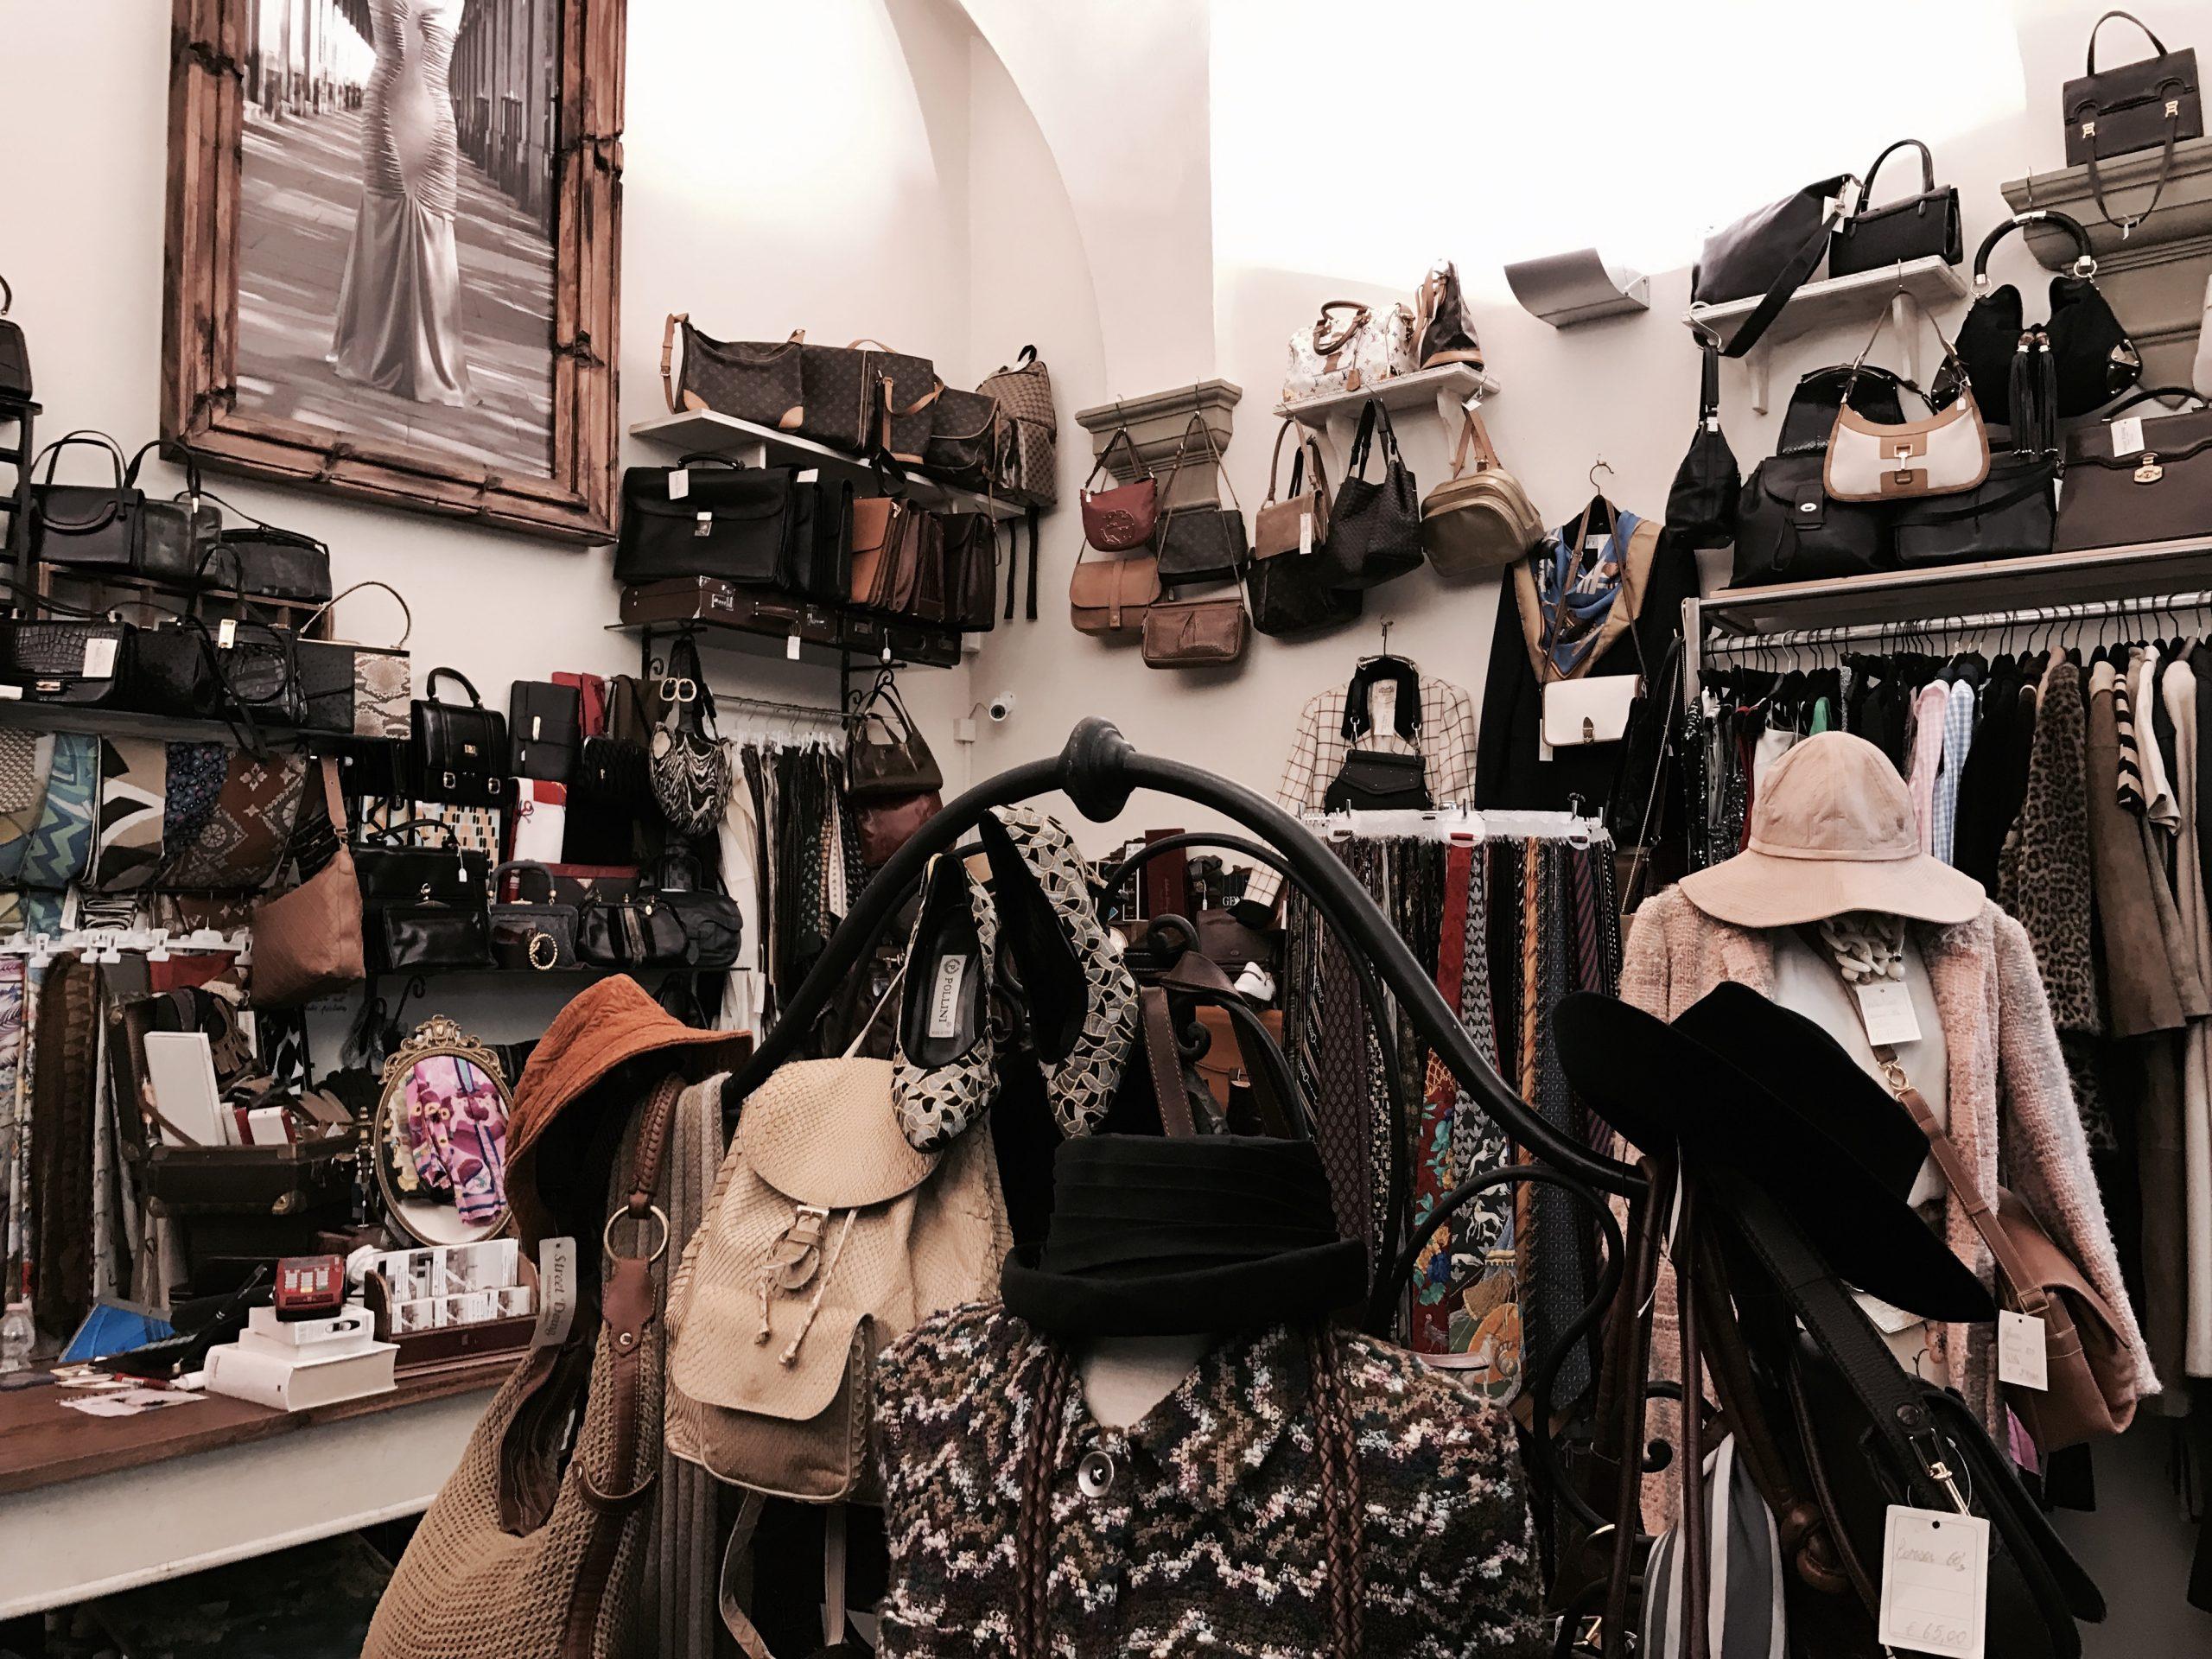 negozi vintage a firenze